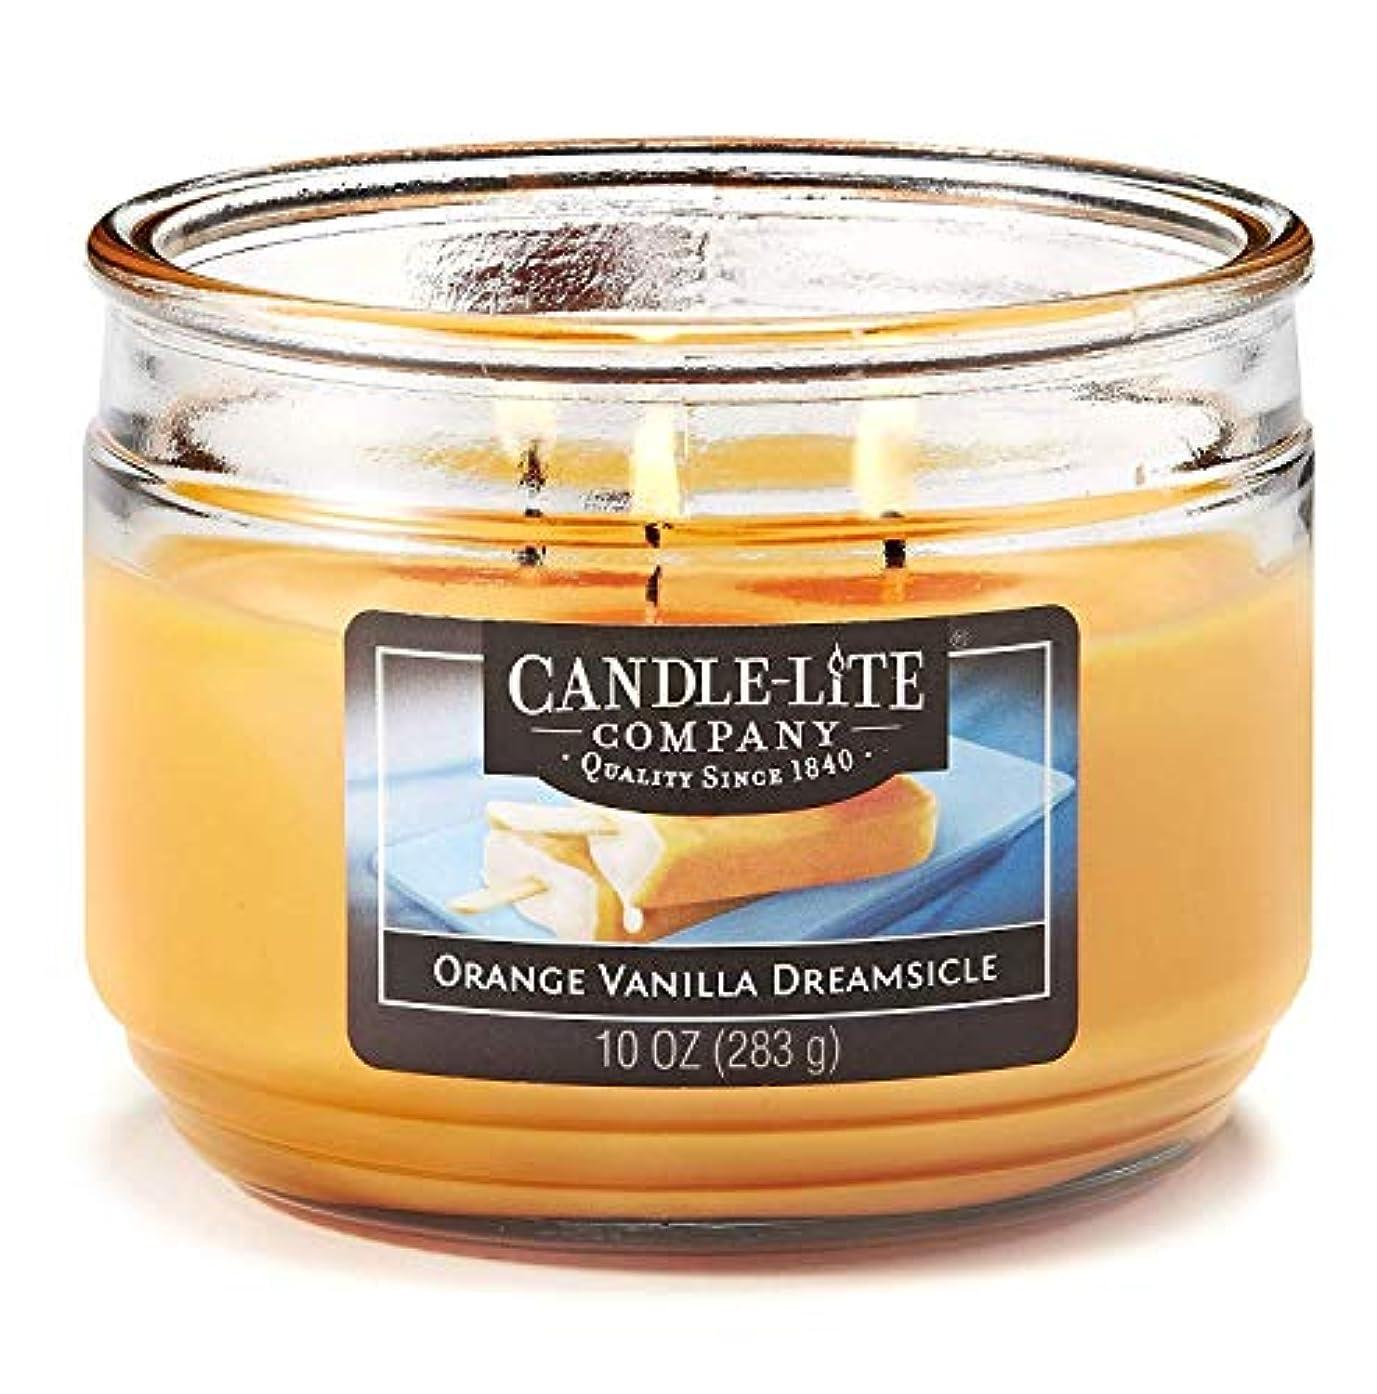 報復する雷雨内向き処置 ライトオレンジバニラ香りのキャンドルデイリーグリーンキャンドル